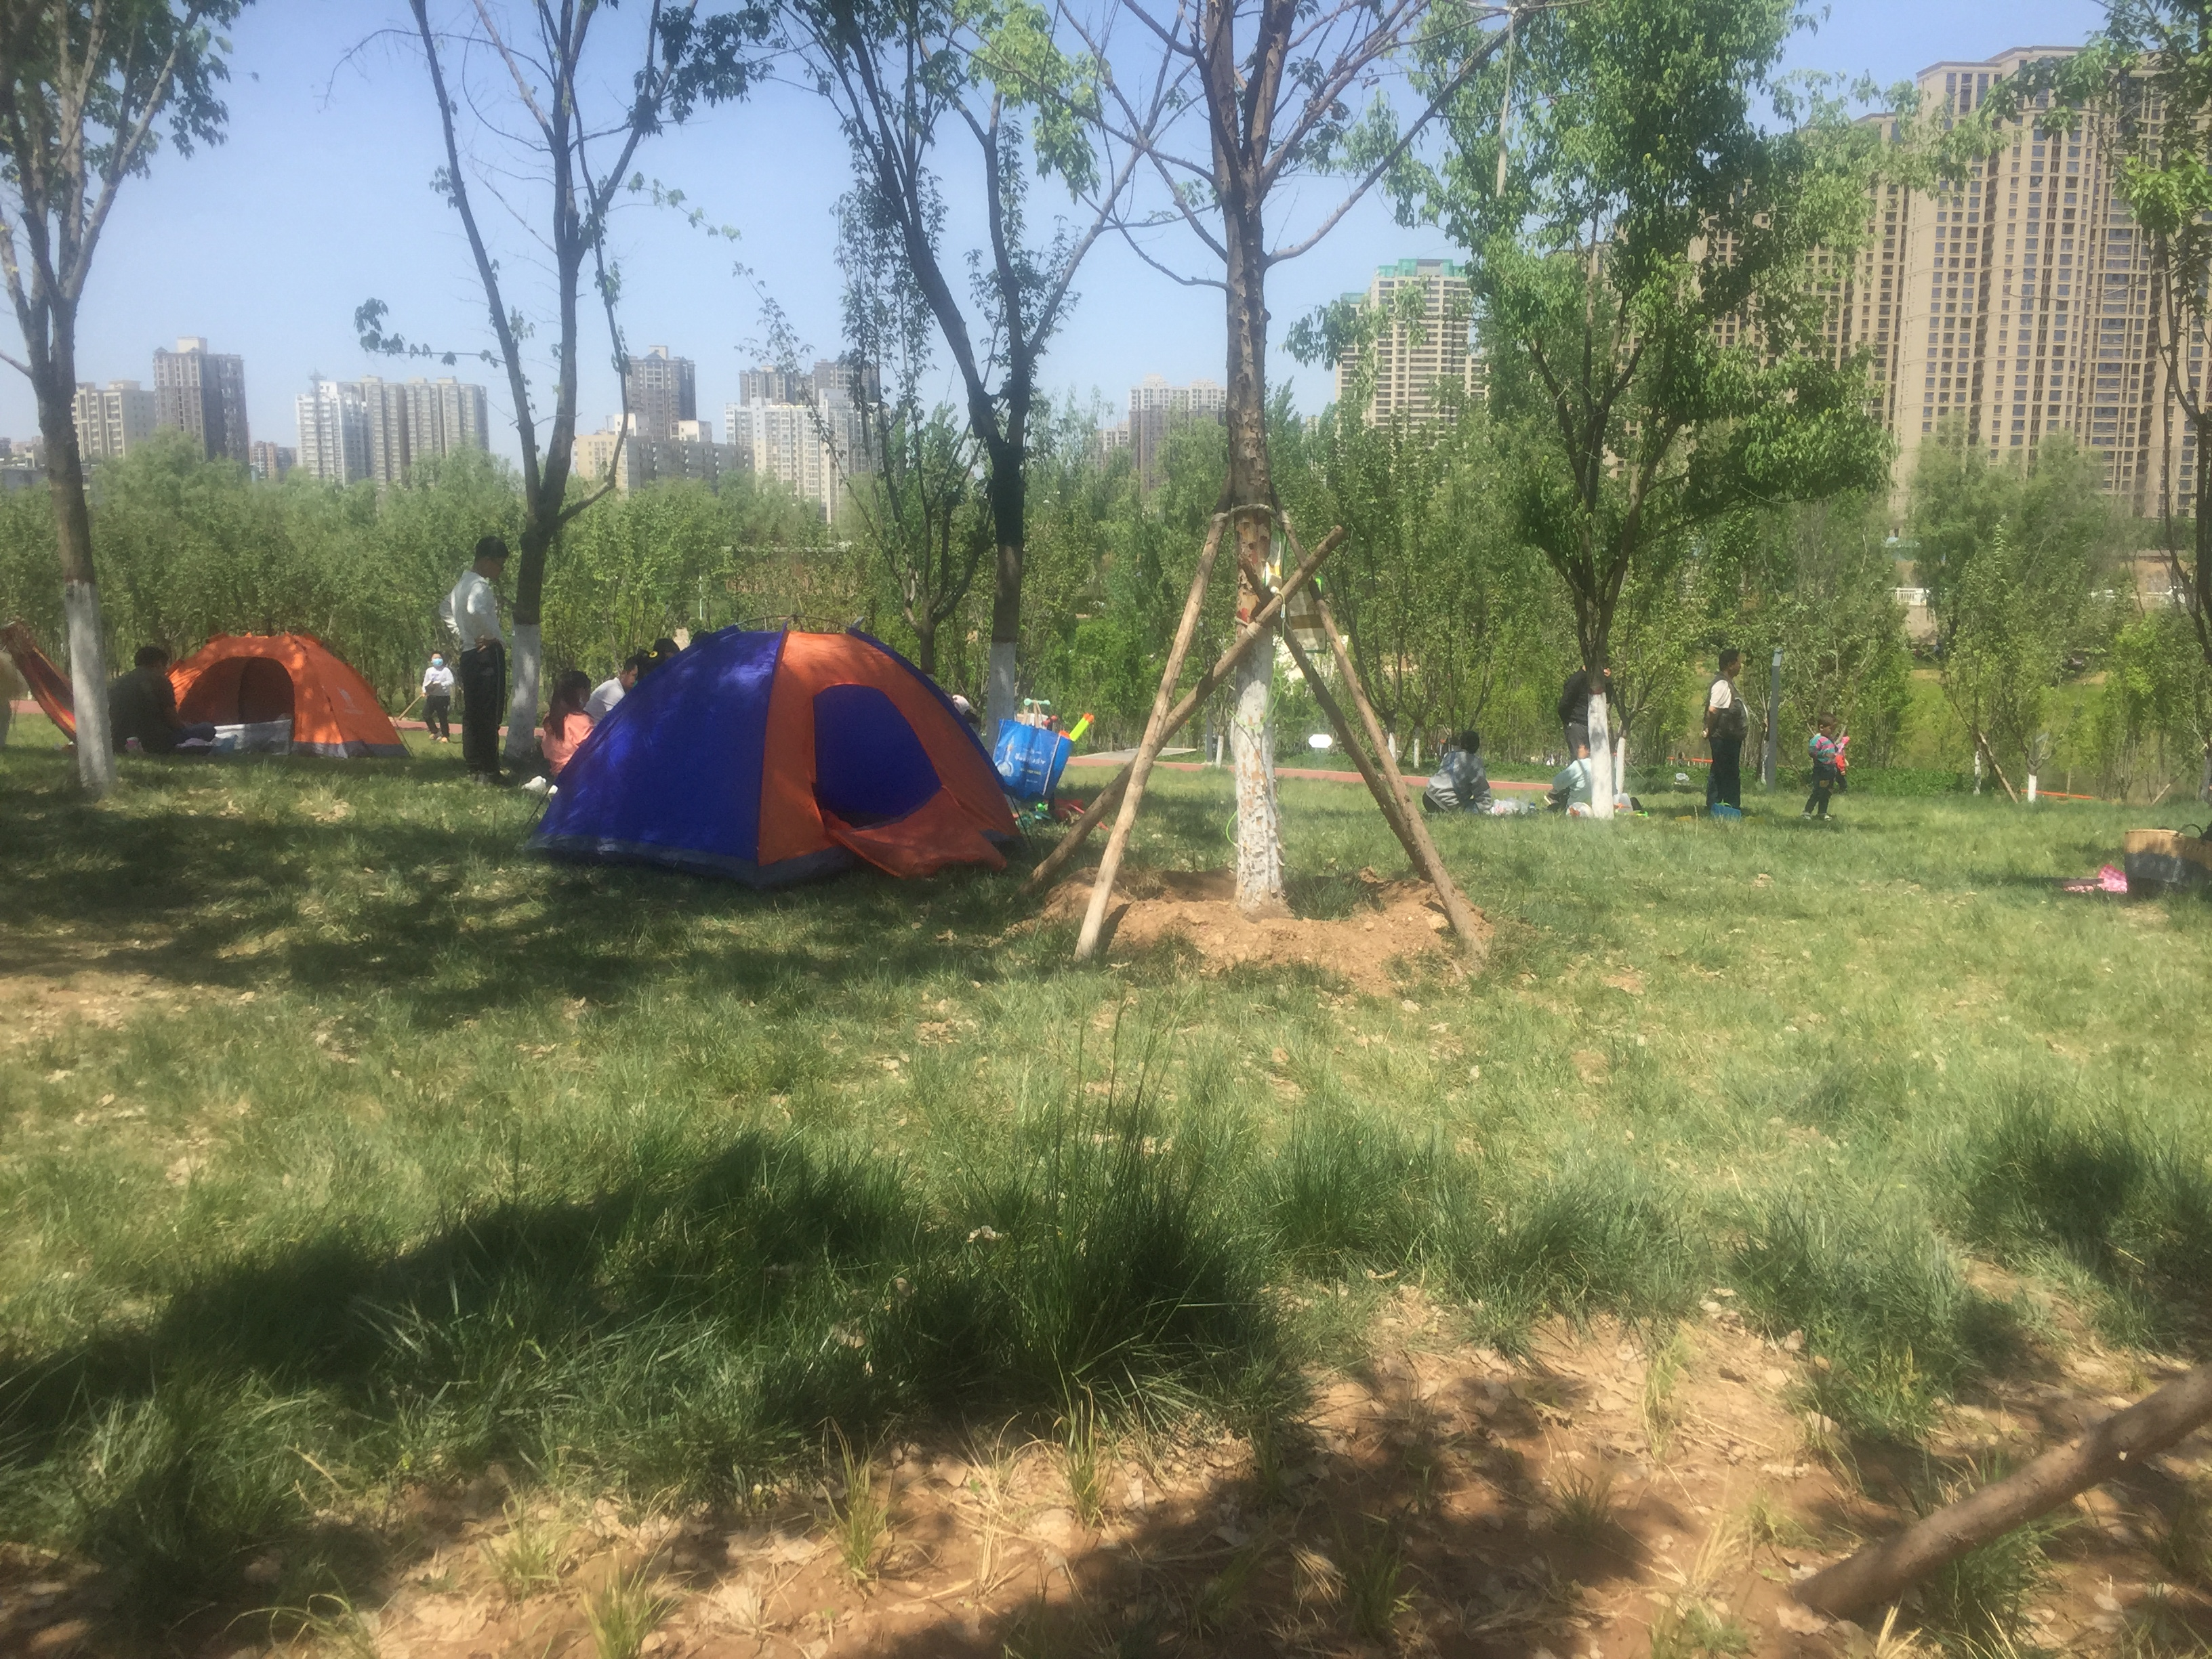 长安区樊川公园成为西安人周末度假胜地,玩水露营还有儿童攀岩